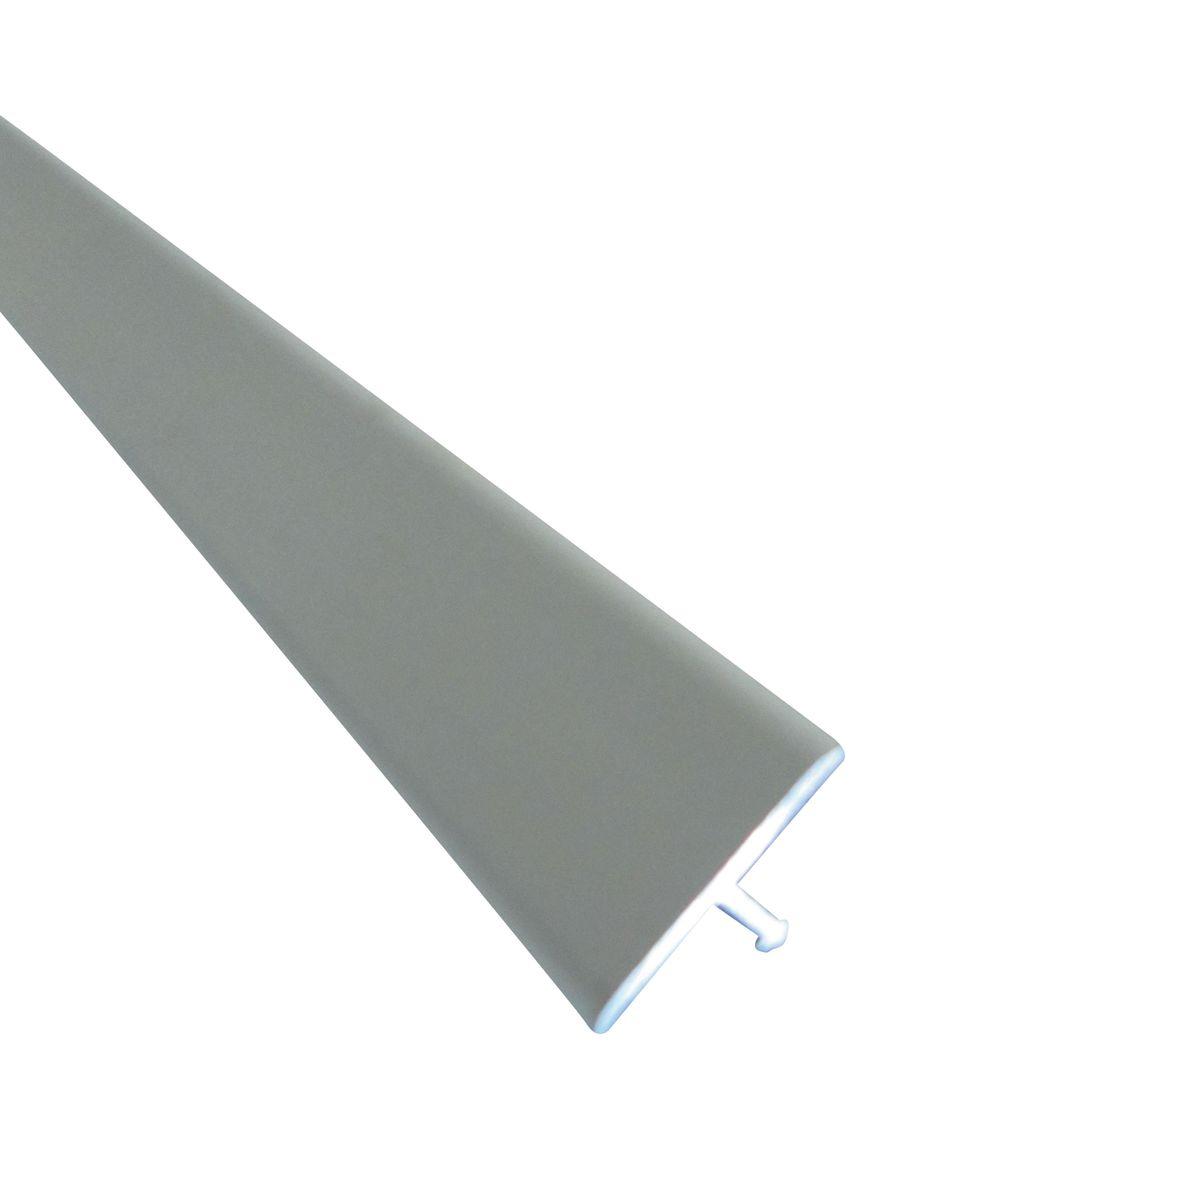 Parquet flottante prezzi leroy merlin mosaico ardesia x for Profili alluminio leroy merlin